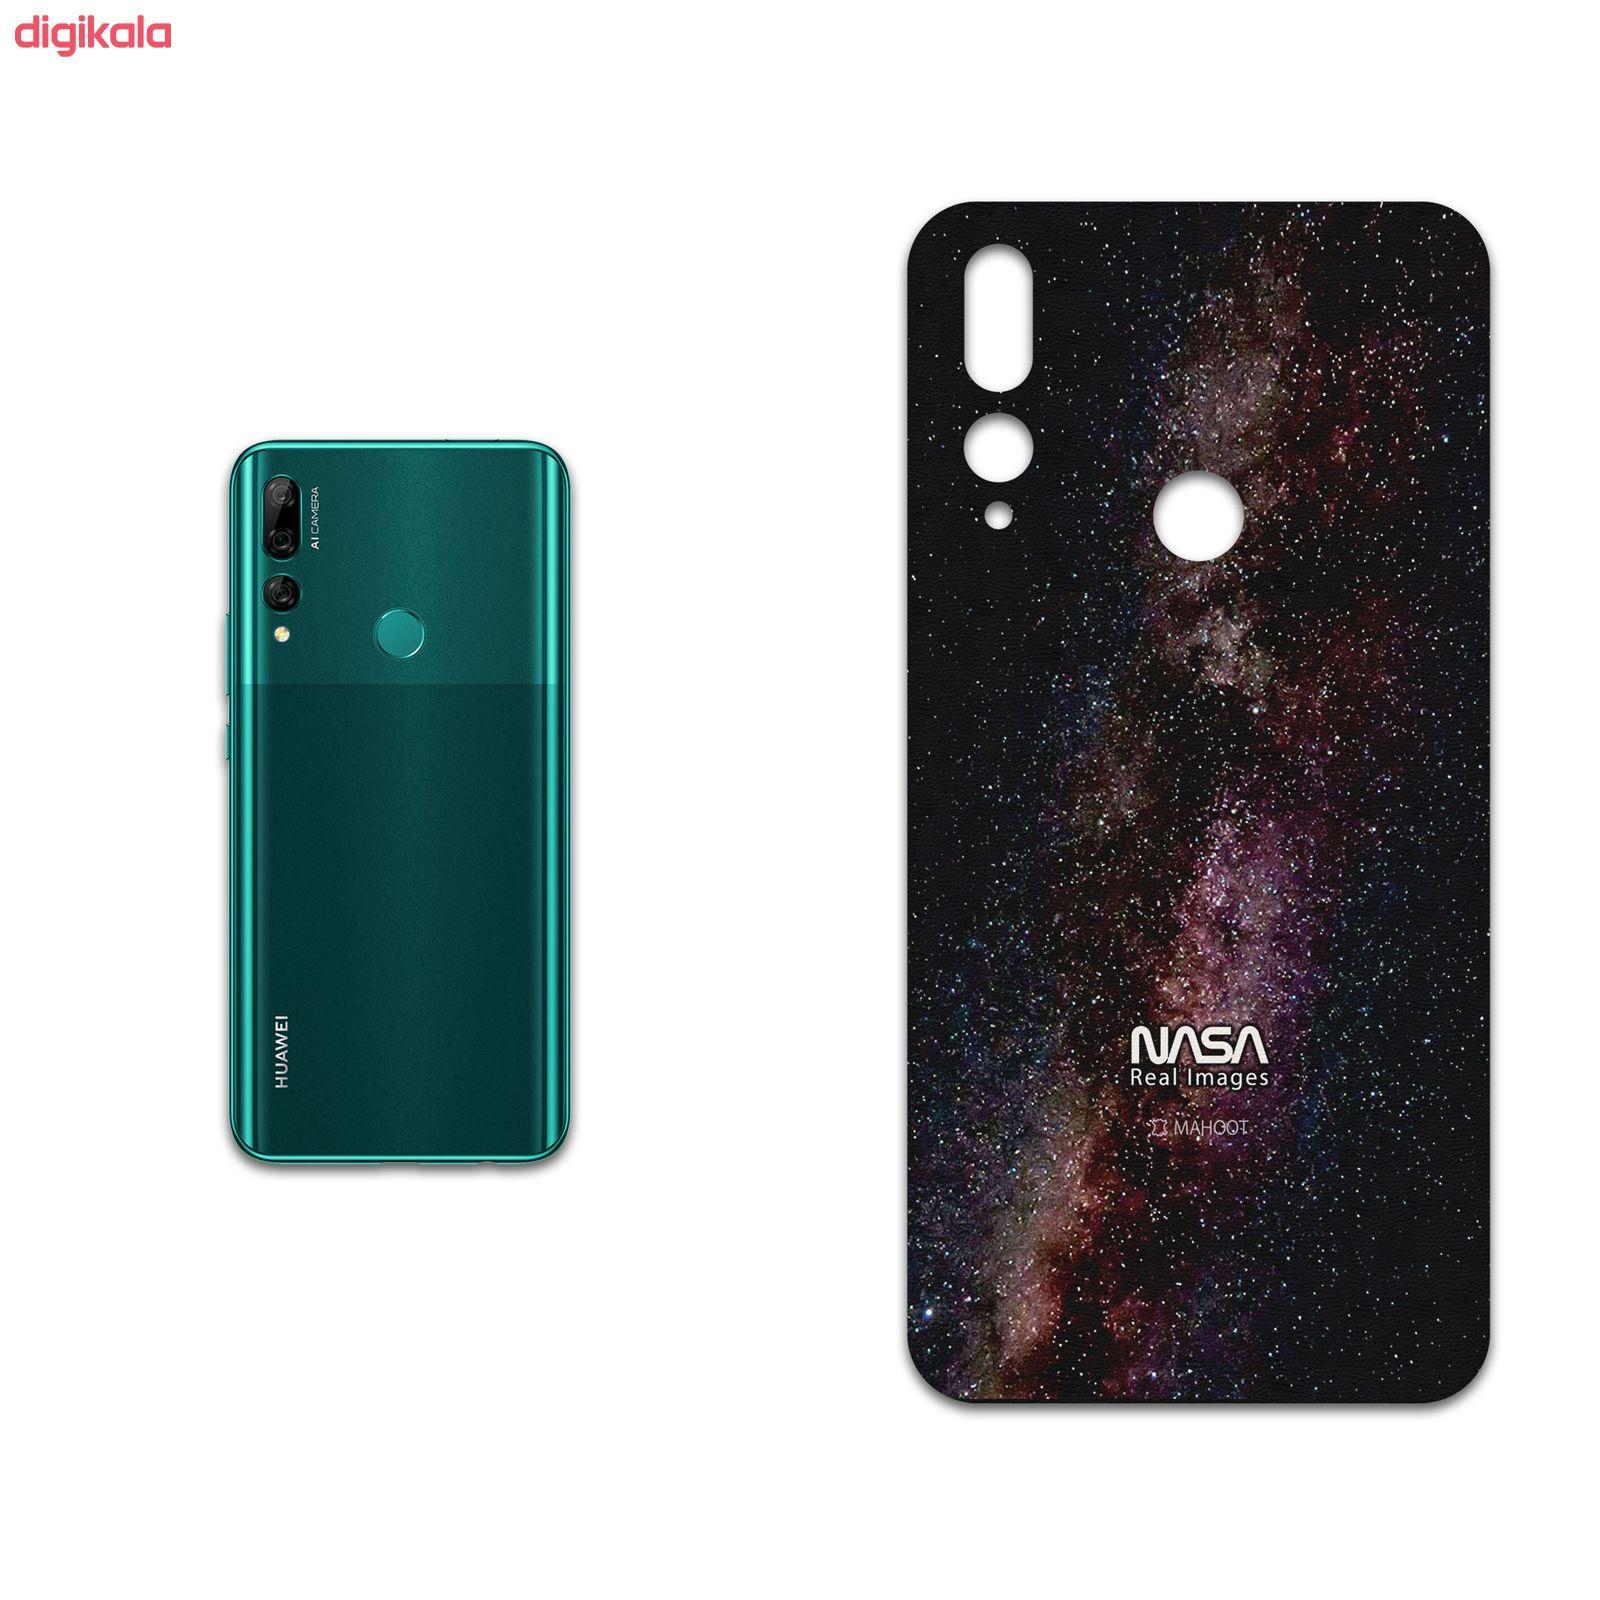 برچسب پوششی ماهوت مدل Universe-by-NASA-2 مناسب برای گوشی موبایل هوآوی Y9 Prime 2019